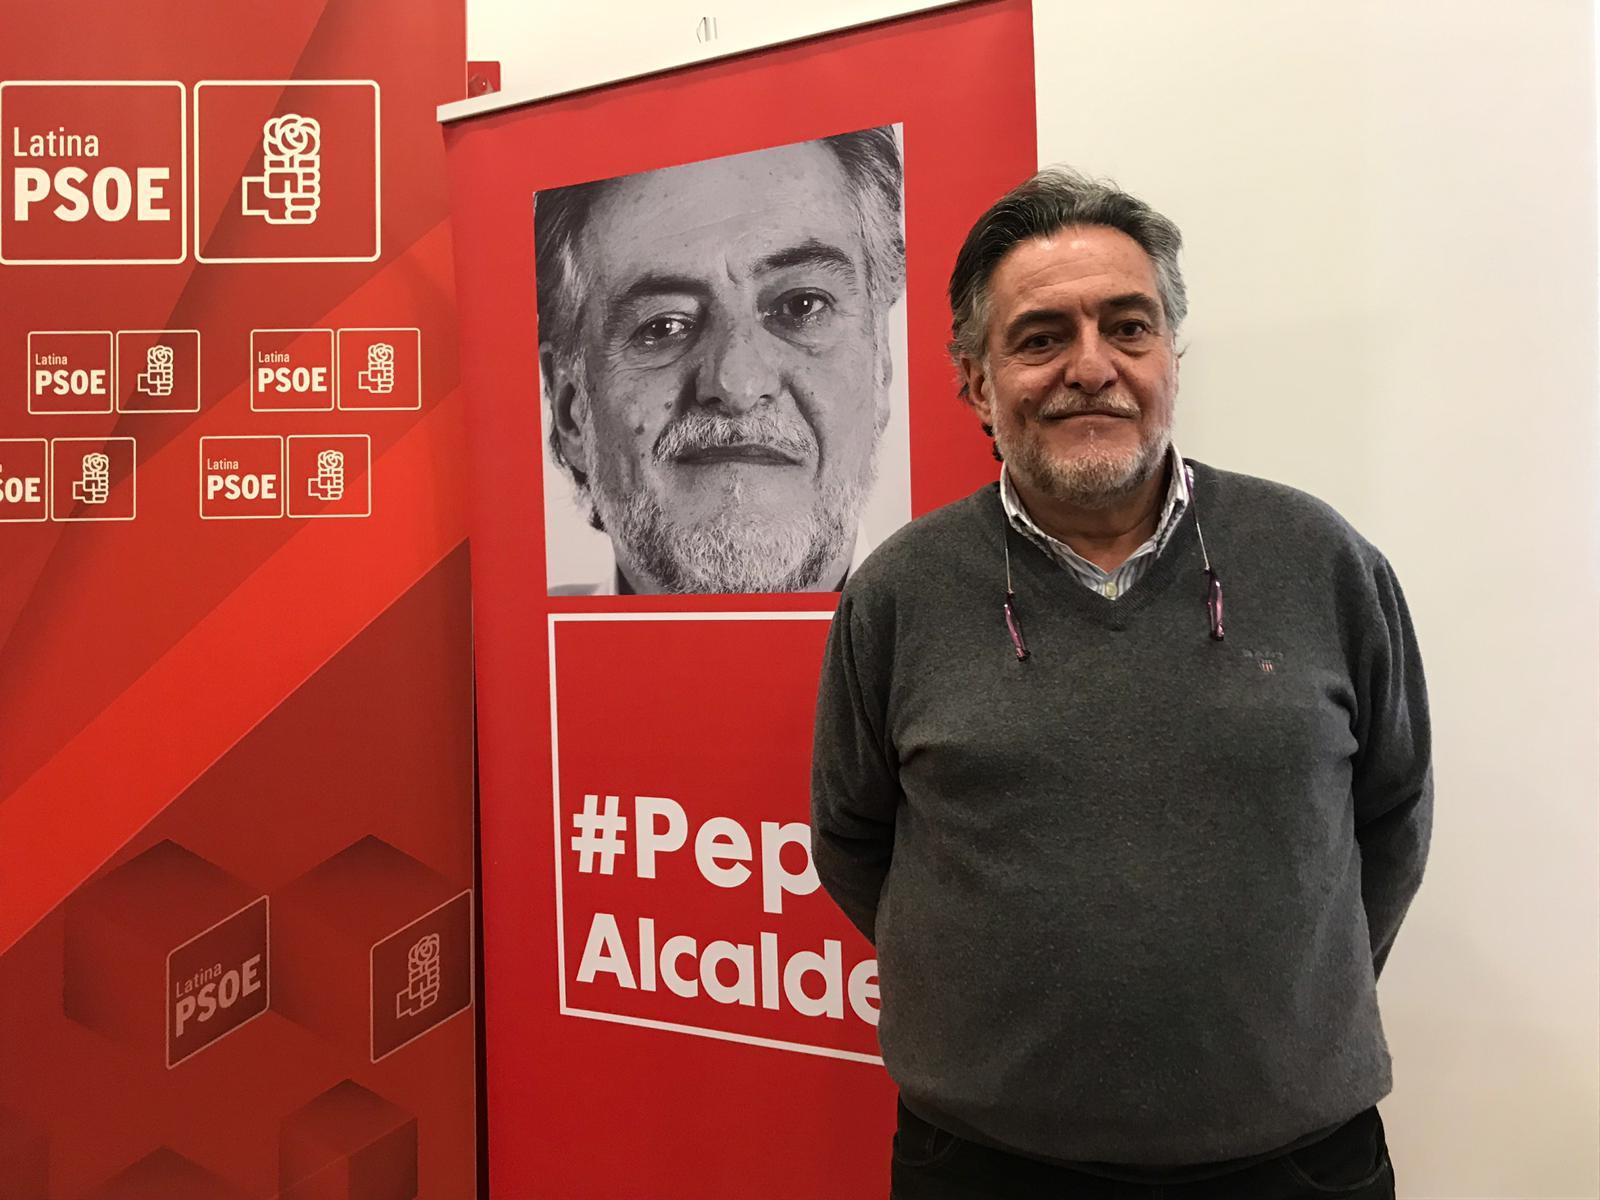 #PepuAlcalde visita el distrito de La Latina y se reúne en PSOE Latina.